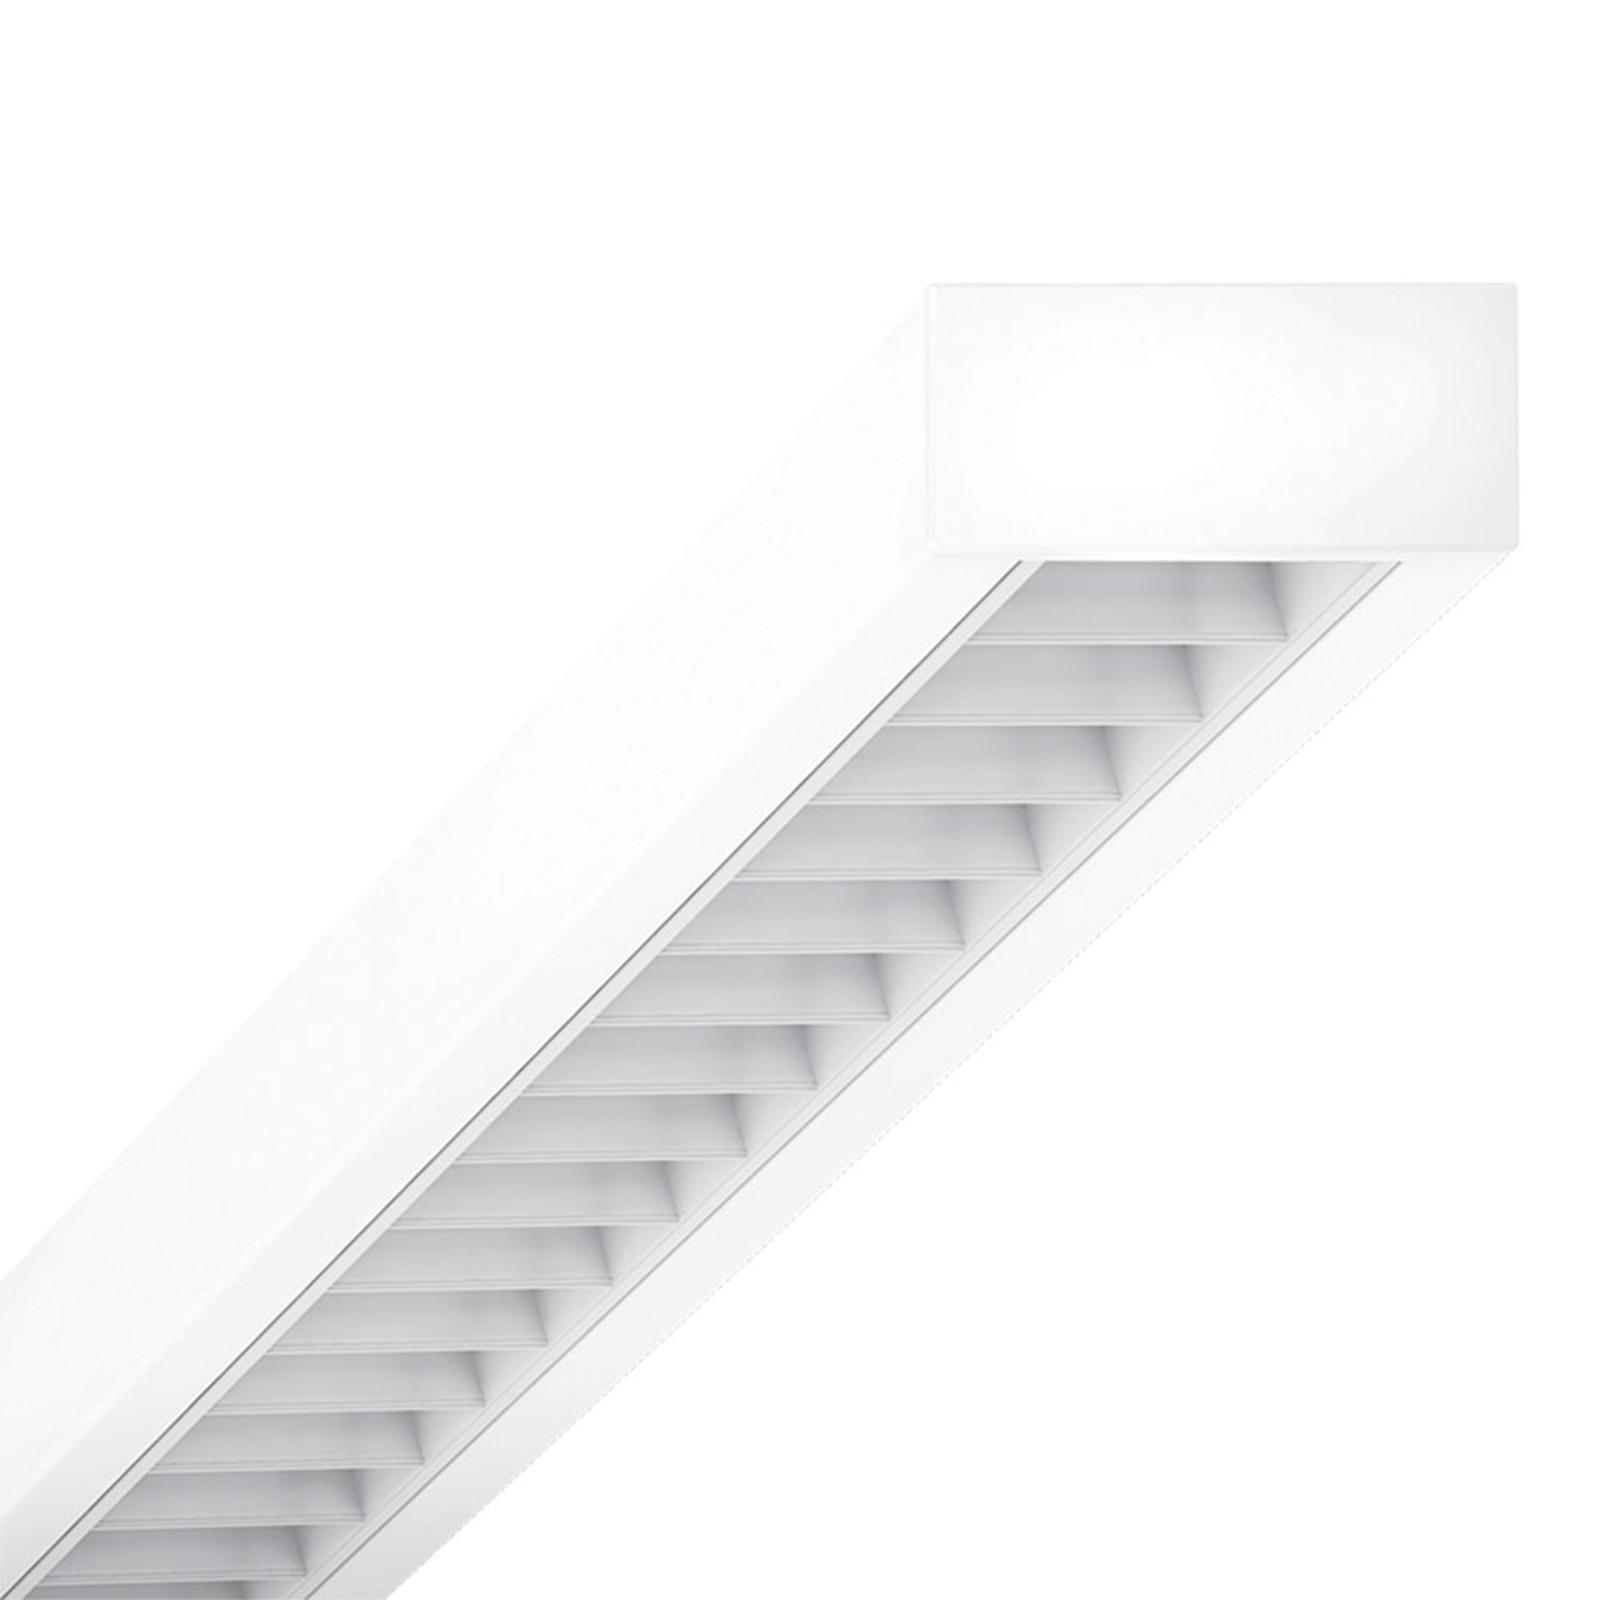 LED-taklampe cubus-RSAXC-1500 4000K raster